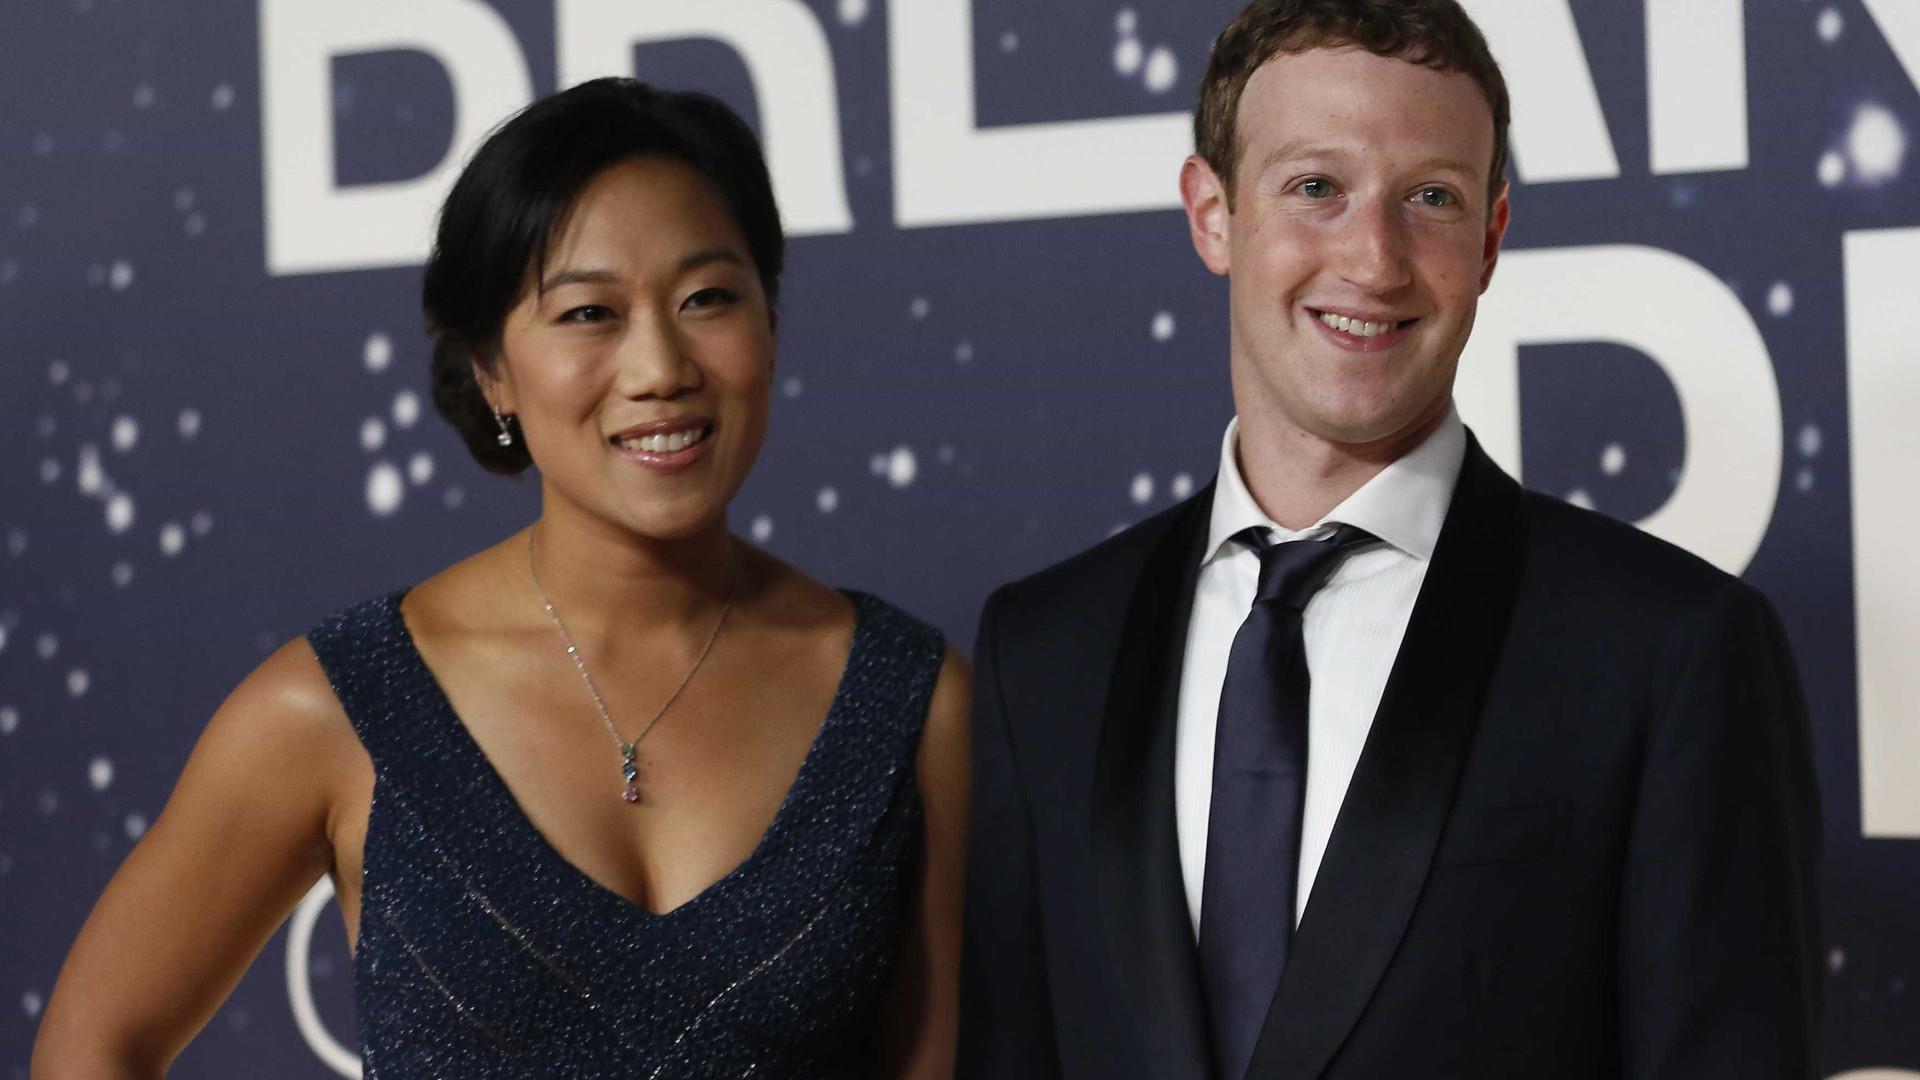 Chefe de segurança de Zuckerberg é acusado de assédio sexual e racismo